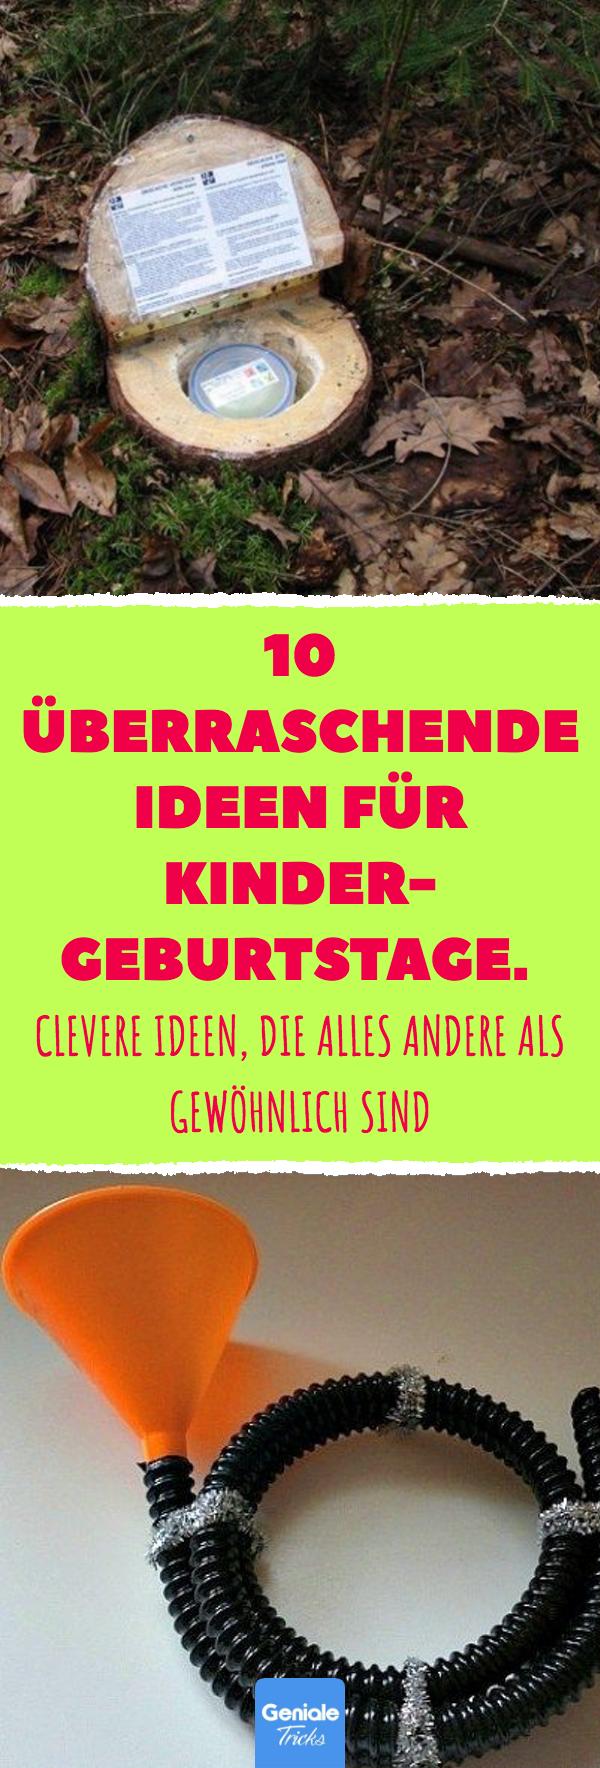 Photo of 10 überraschende Ideen für Kindergeburtstage.